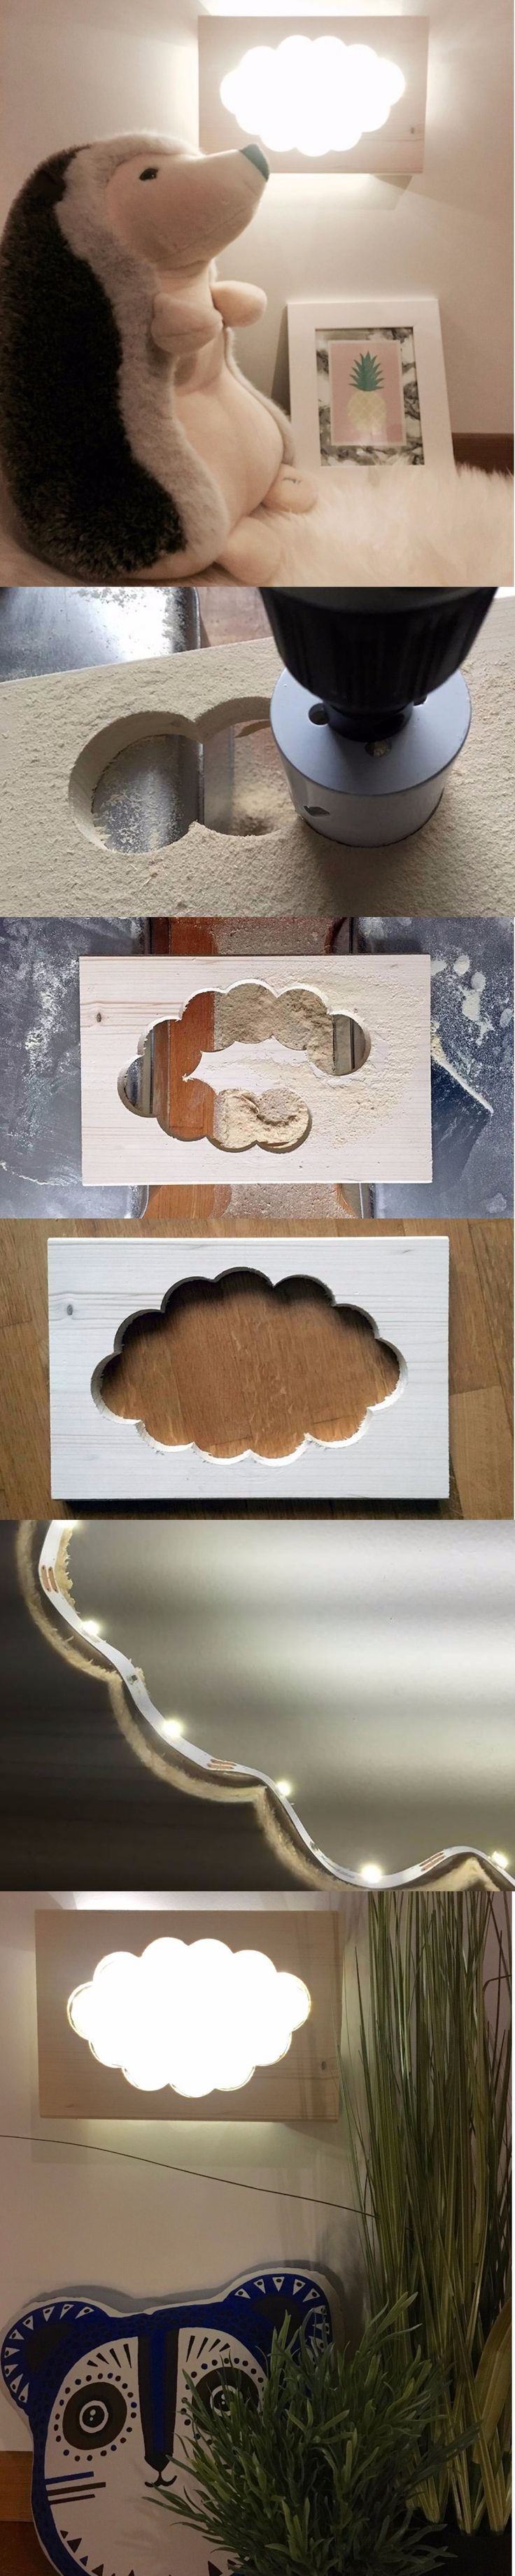 Comment fabriquer une lampe nuage veilleuse en bois avec une perceuse une scie cloche une planche de bois et un ruban LED DIY Deco bricolage Photo Credit ClemAroundTheCorner.com